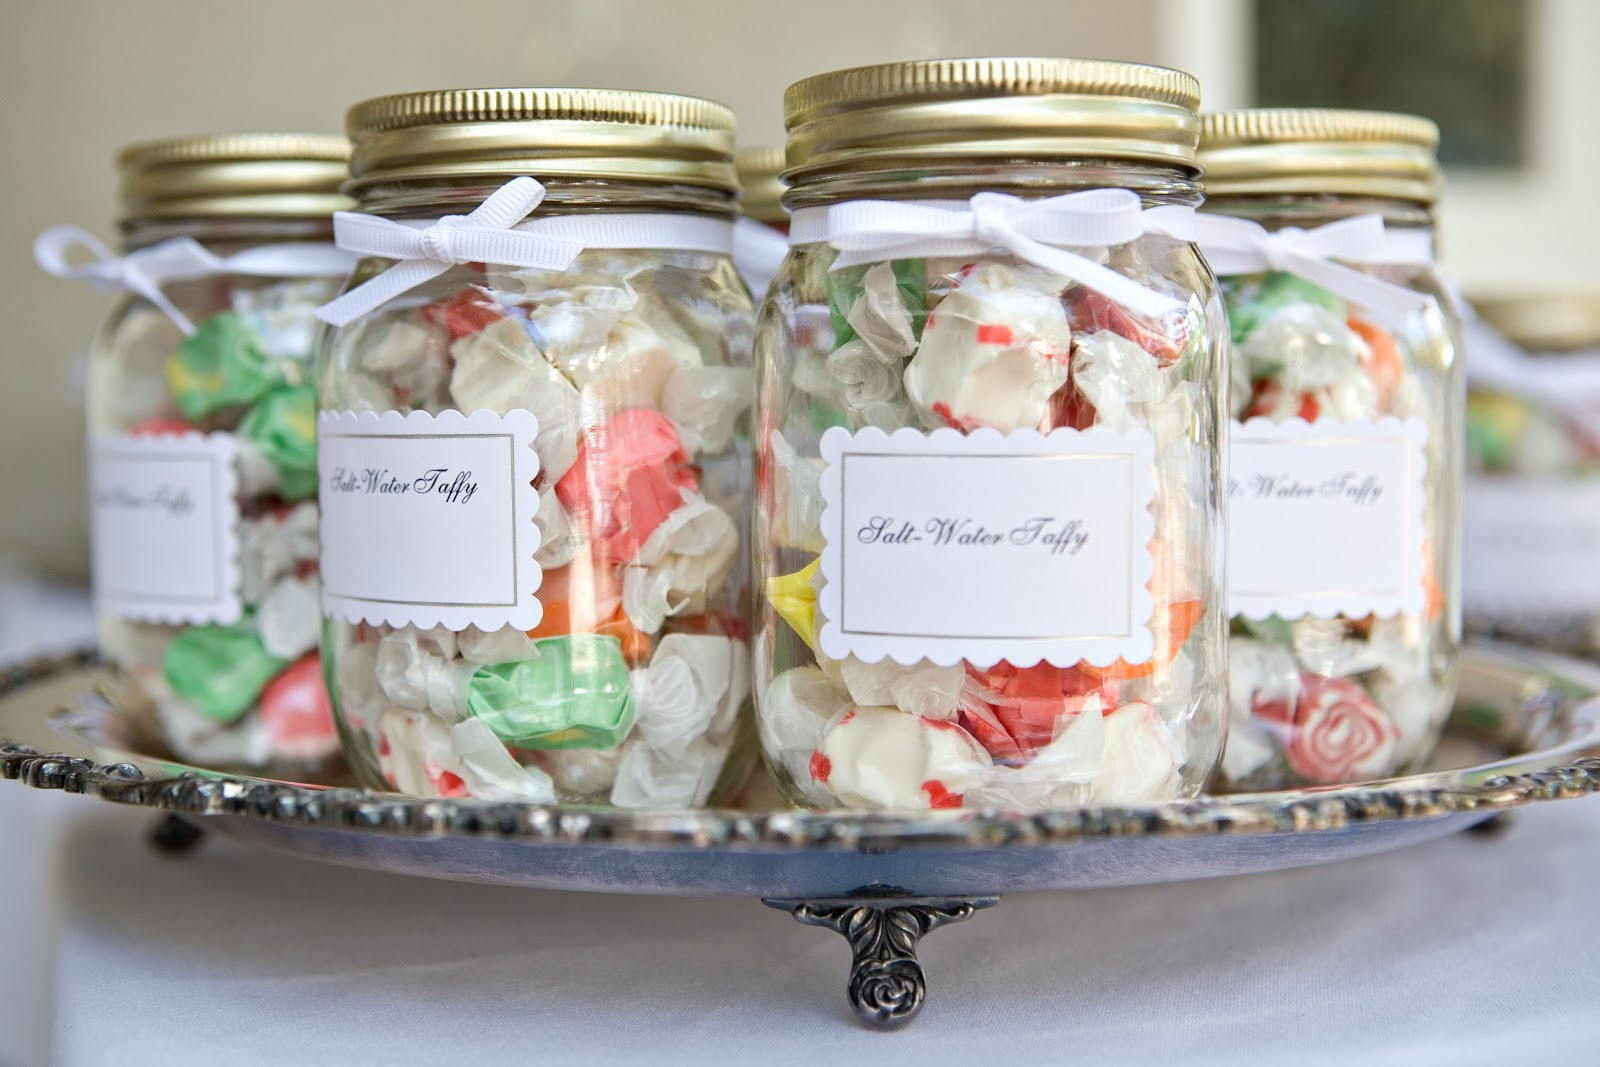 Необычные поздравления на свадьбу: креатив и фантазия Креативный подарок от всех гостей